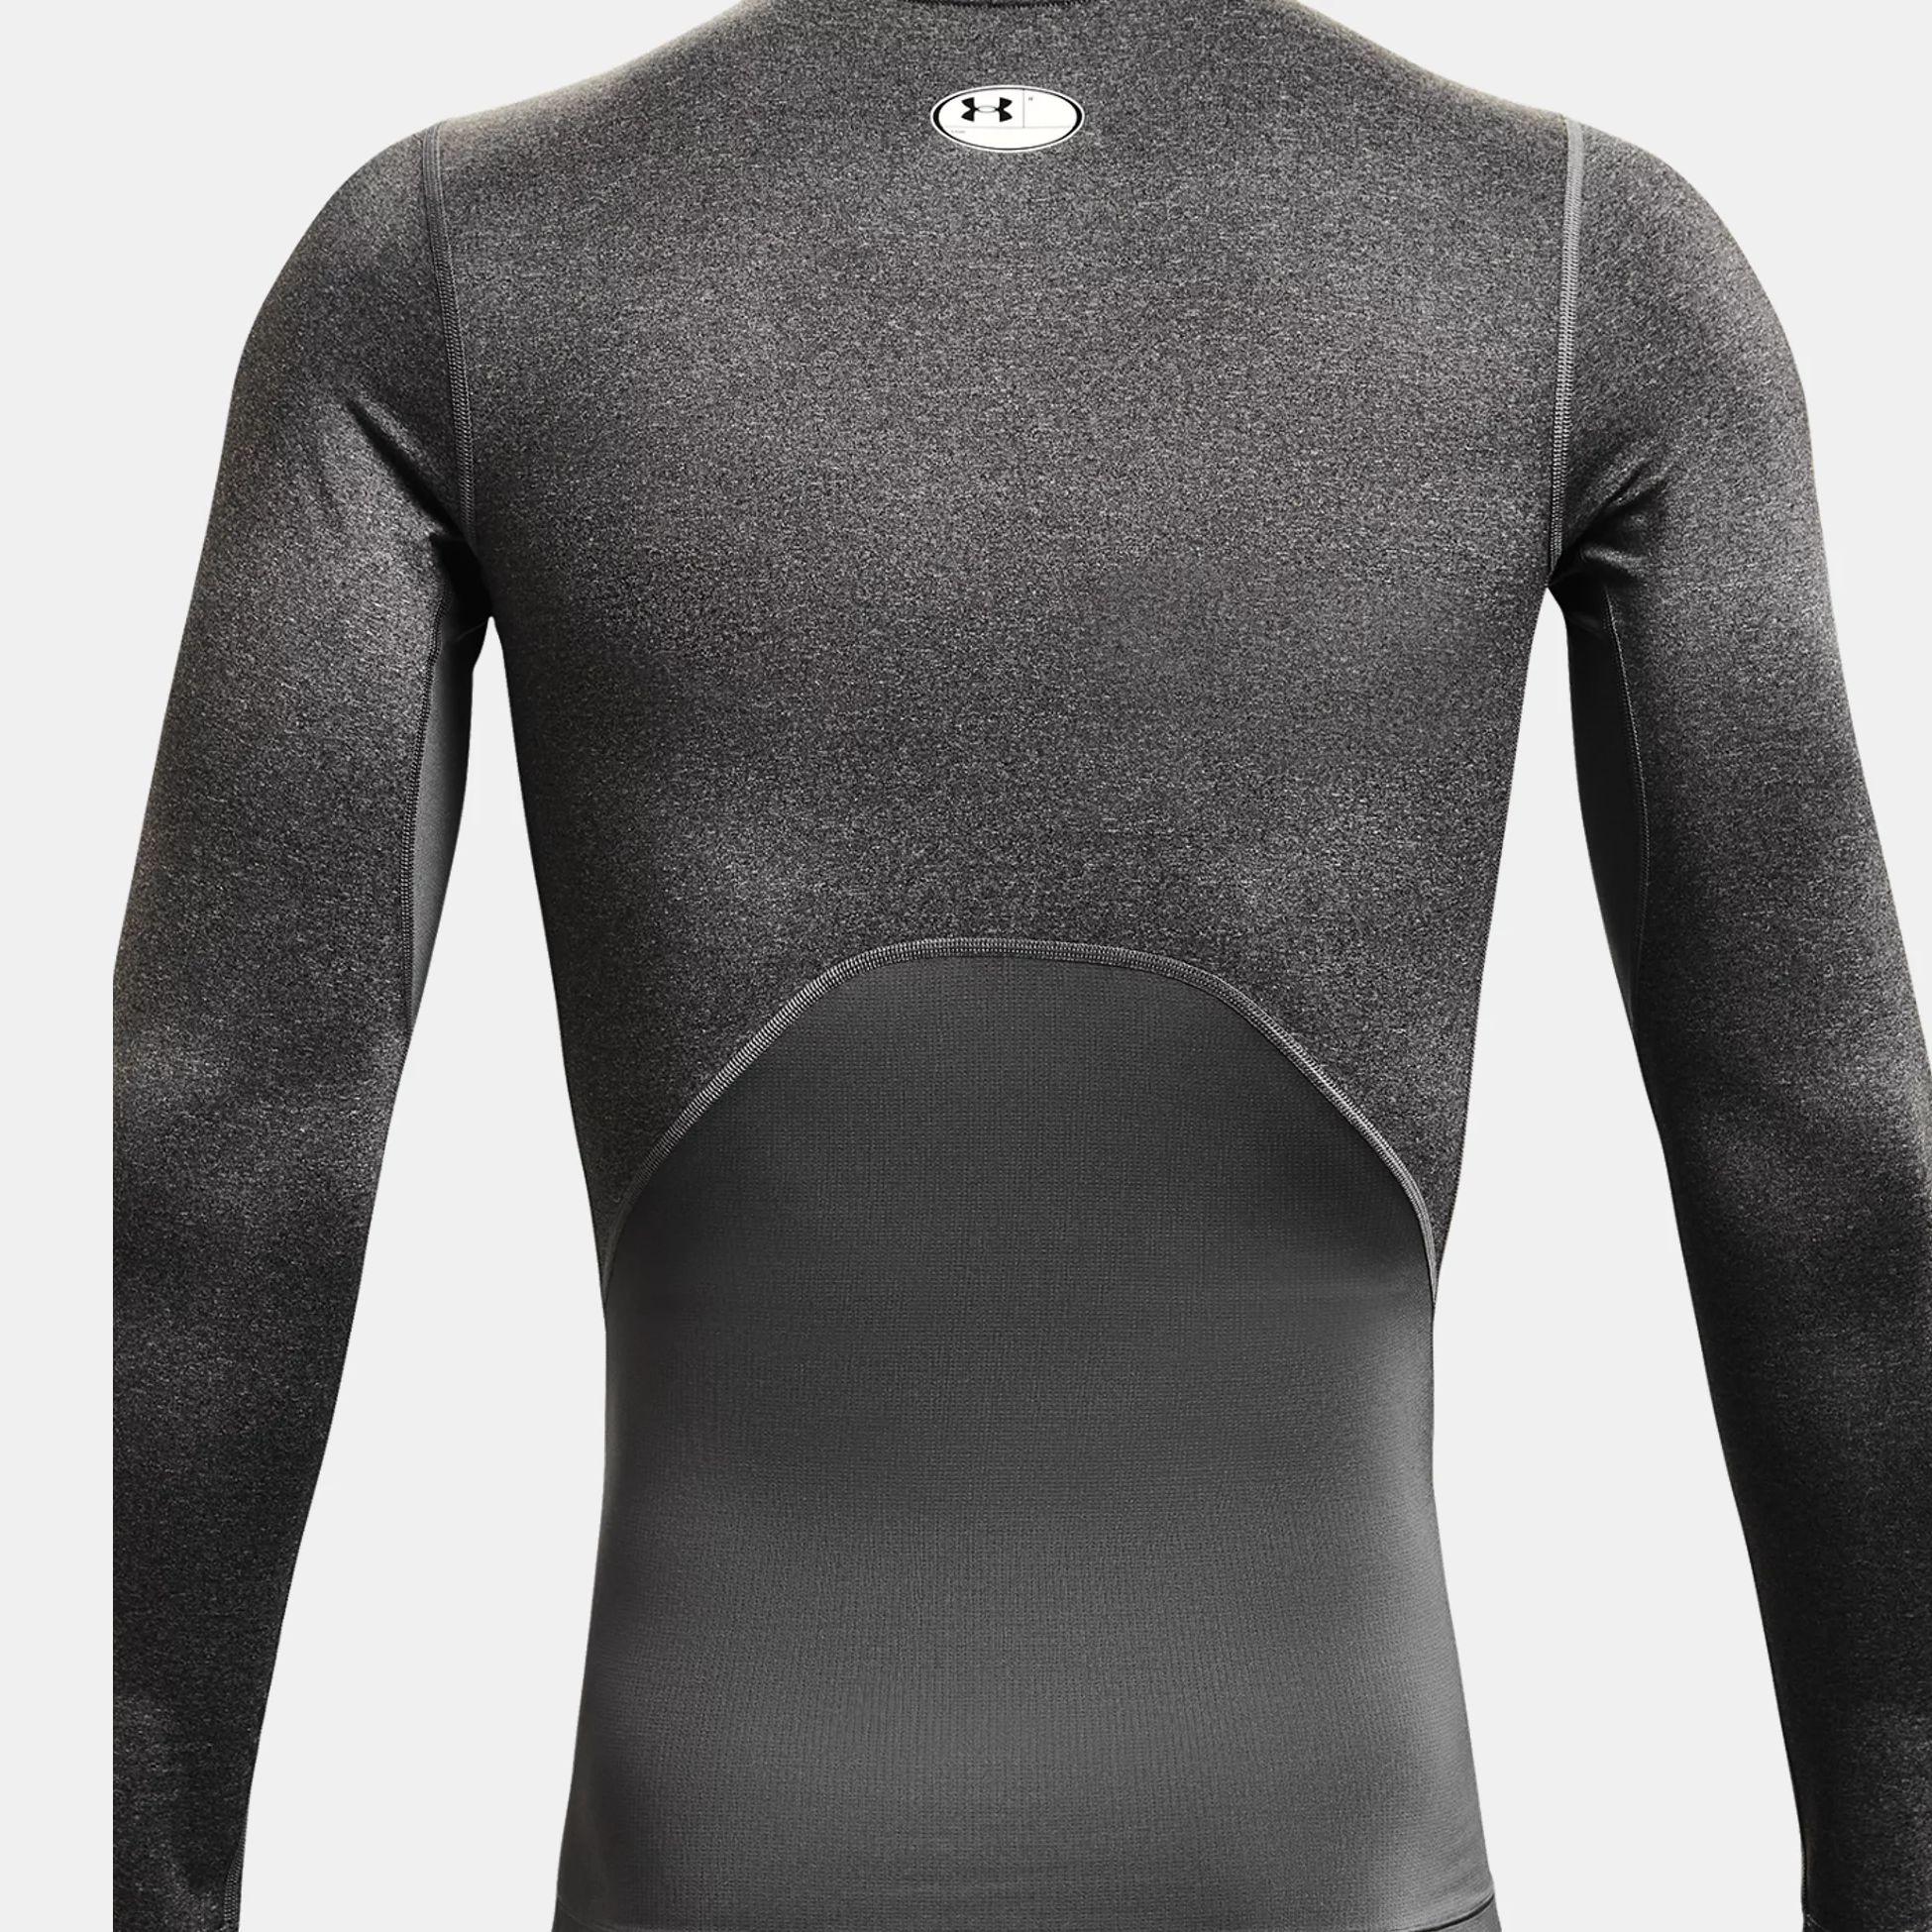 Clothing -  under armour HeatGear Armour Long Sleeve